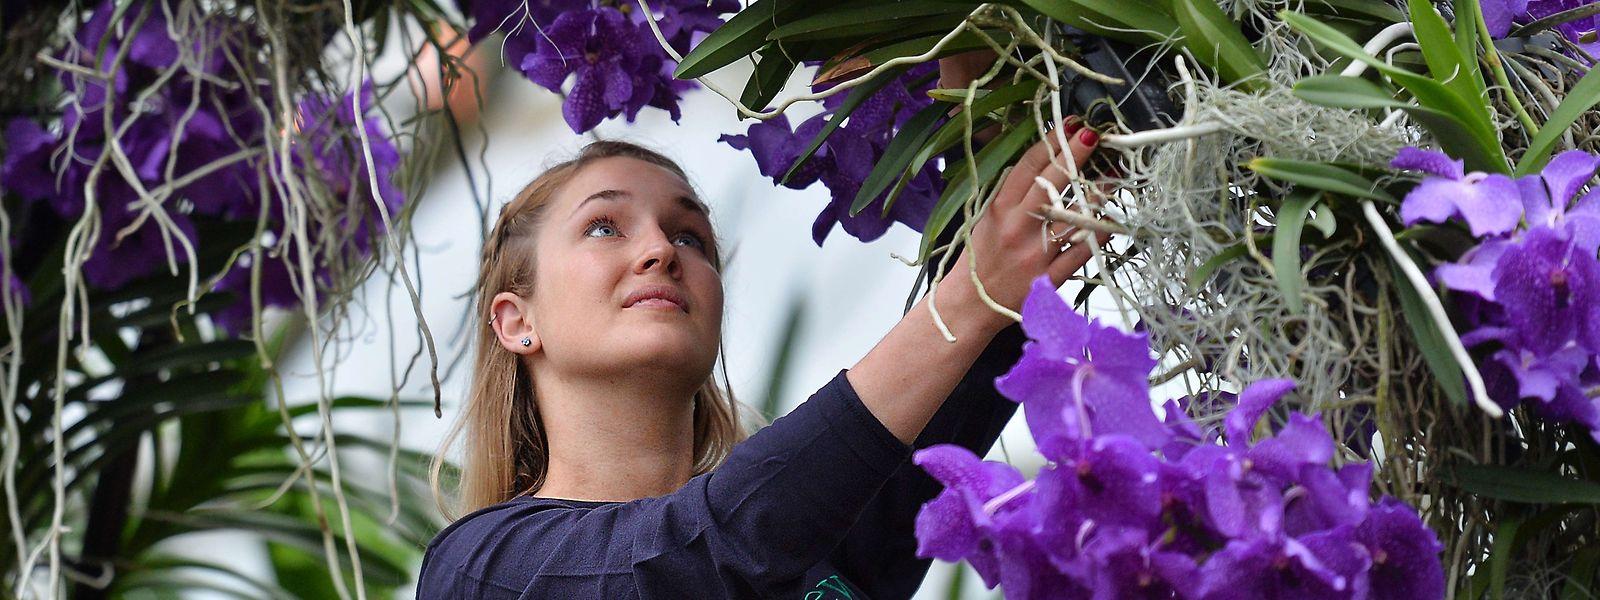 Les horticulteurs, notamment, disposeront de plus d'amplitude horaire pour travailler leurs plants quand la saison l'exige.